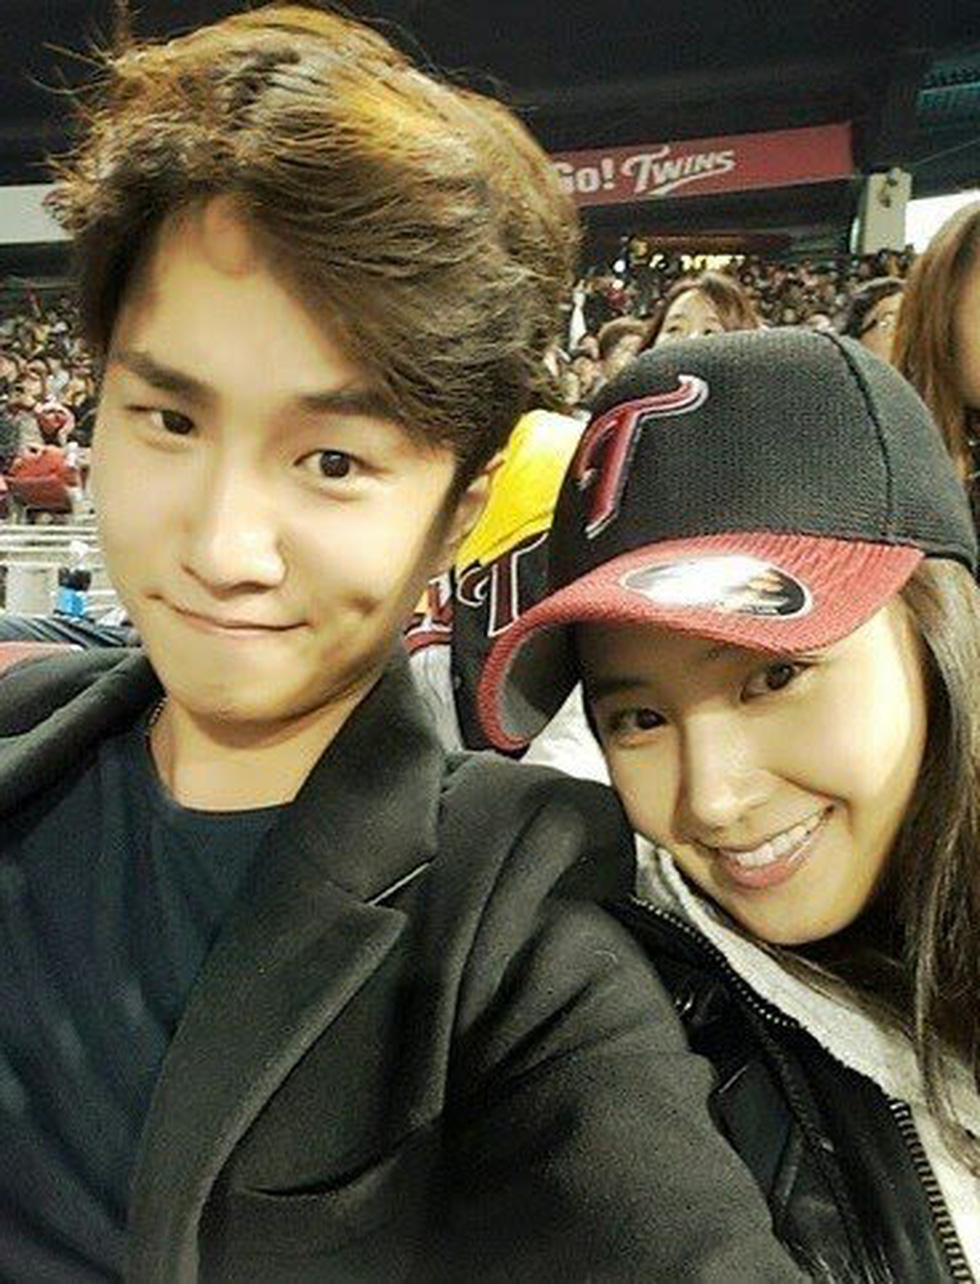 Bê bối tình dục, Jung Joon Young và Choi Jong Hoon bị kết án tù giam - Ảnh 3.